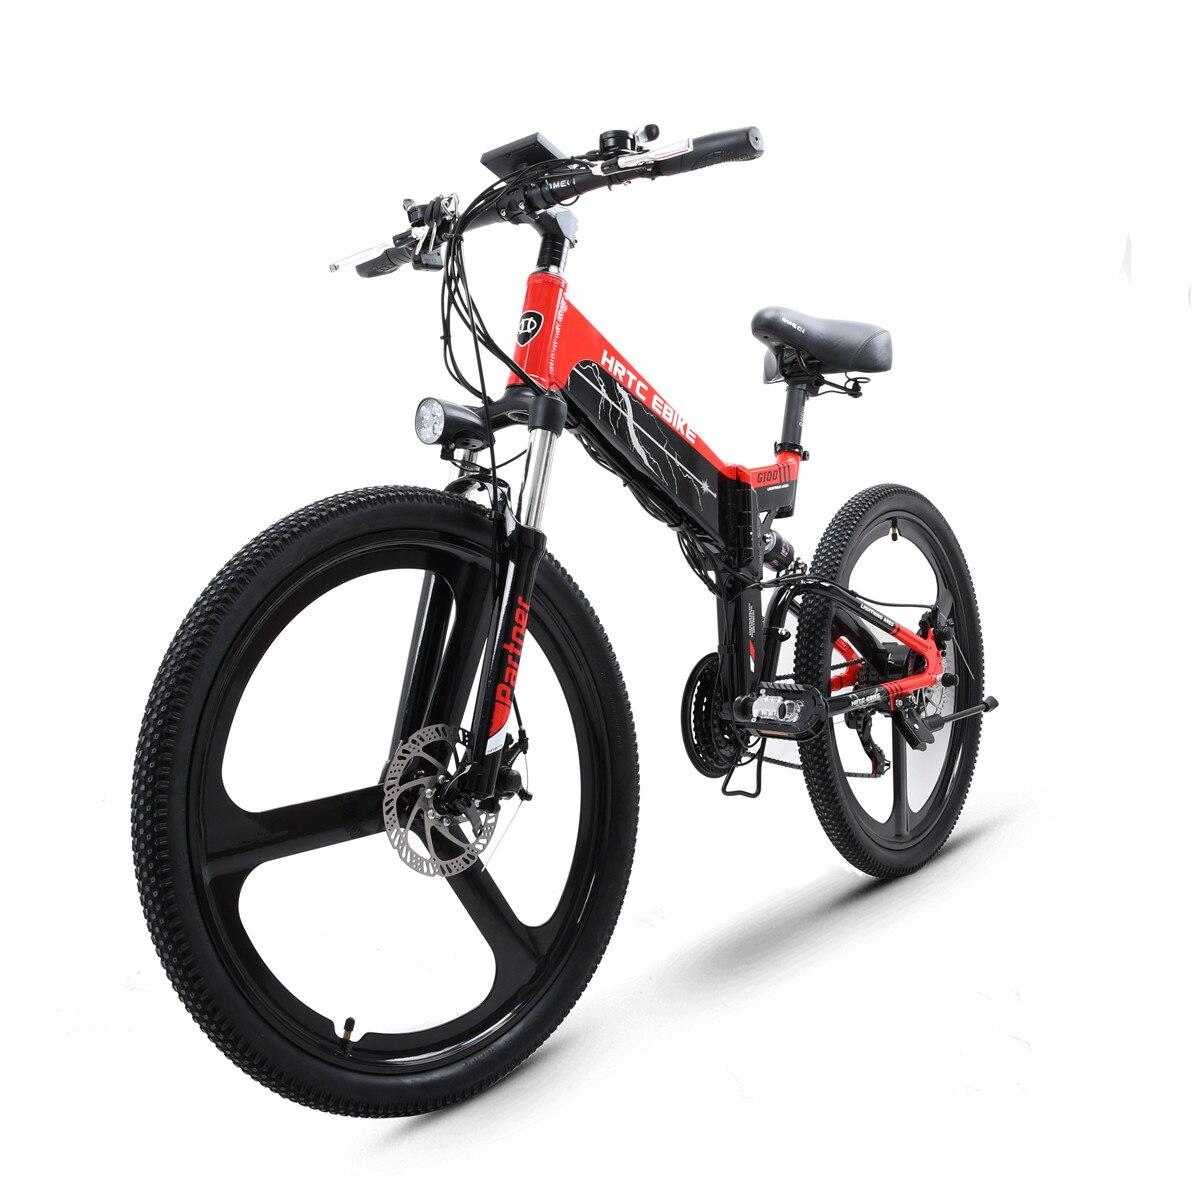 26 pouces vélo de montagne électrique 48V400W haute vitesse moteur léger cadre caché batterie au lithium lcd3 électrique ebike